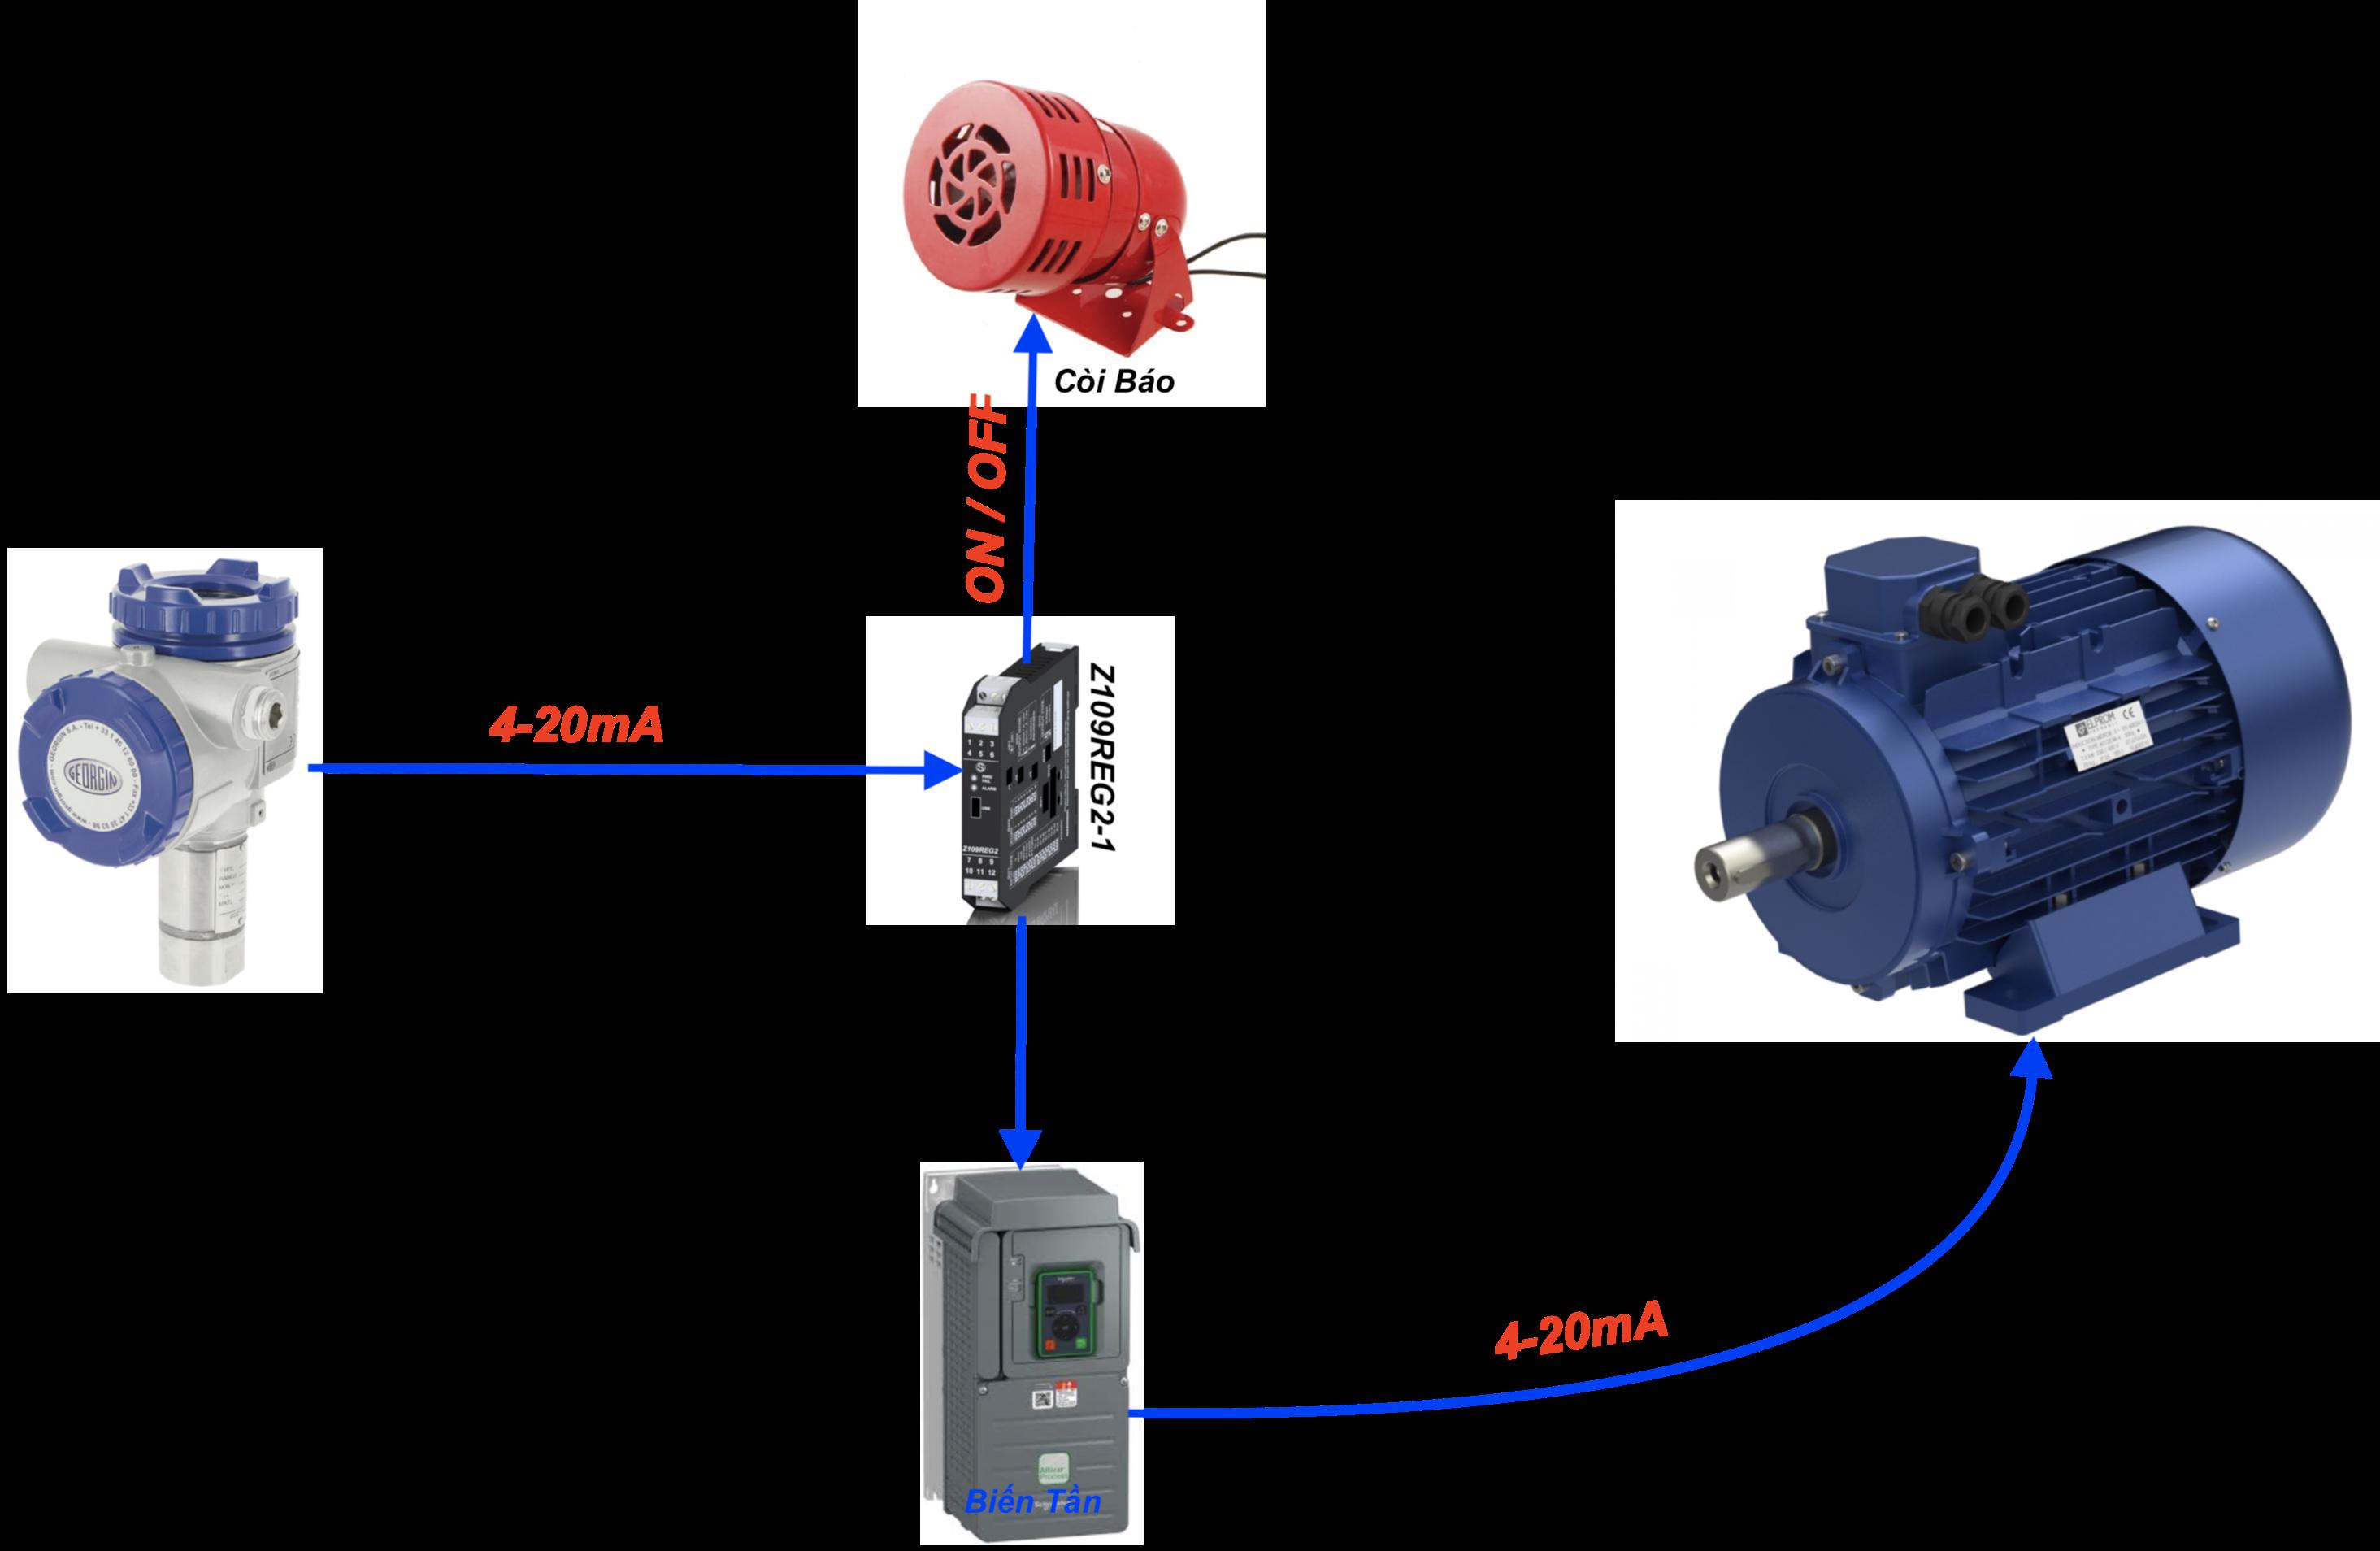 ứng dụng bộ chuyển đổi 4-20mA sang Relay